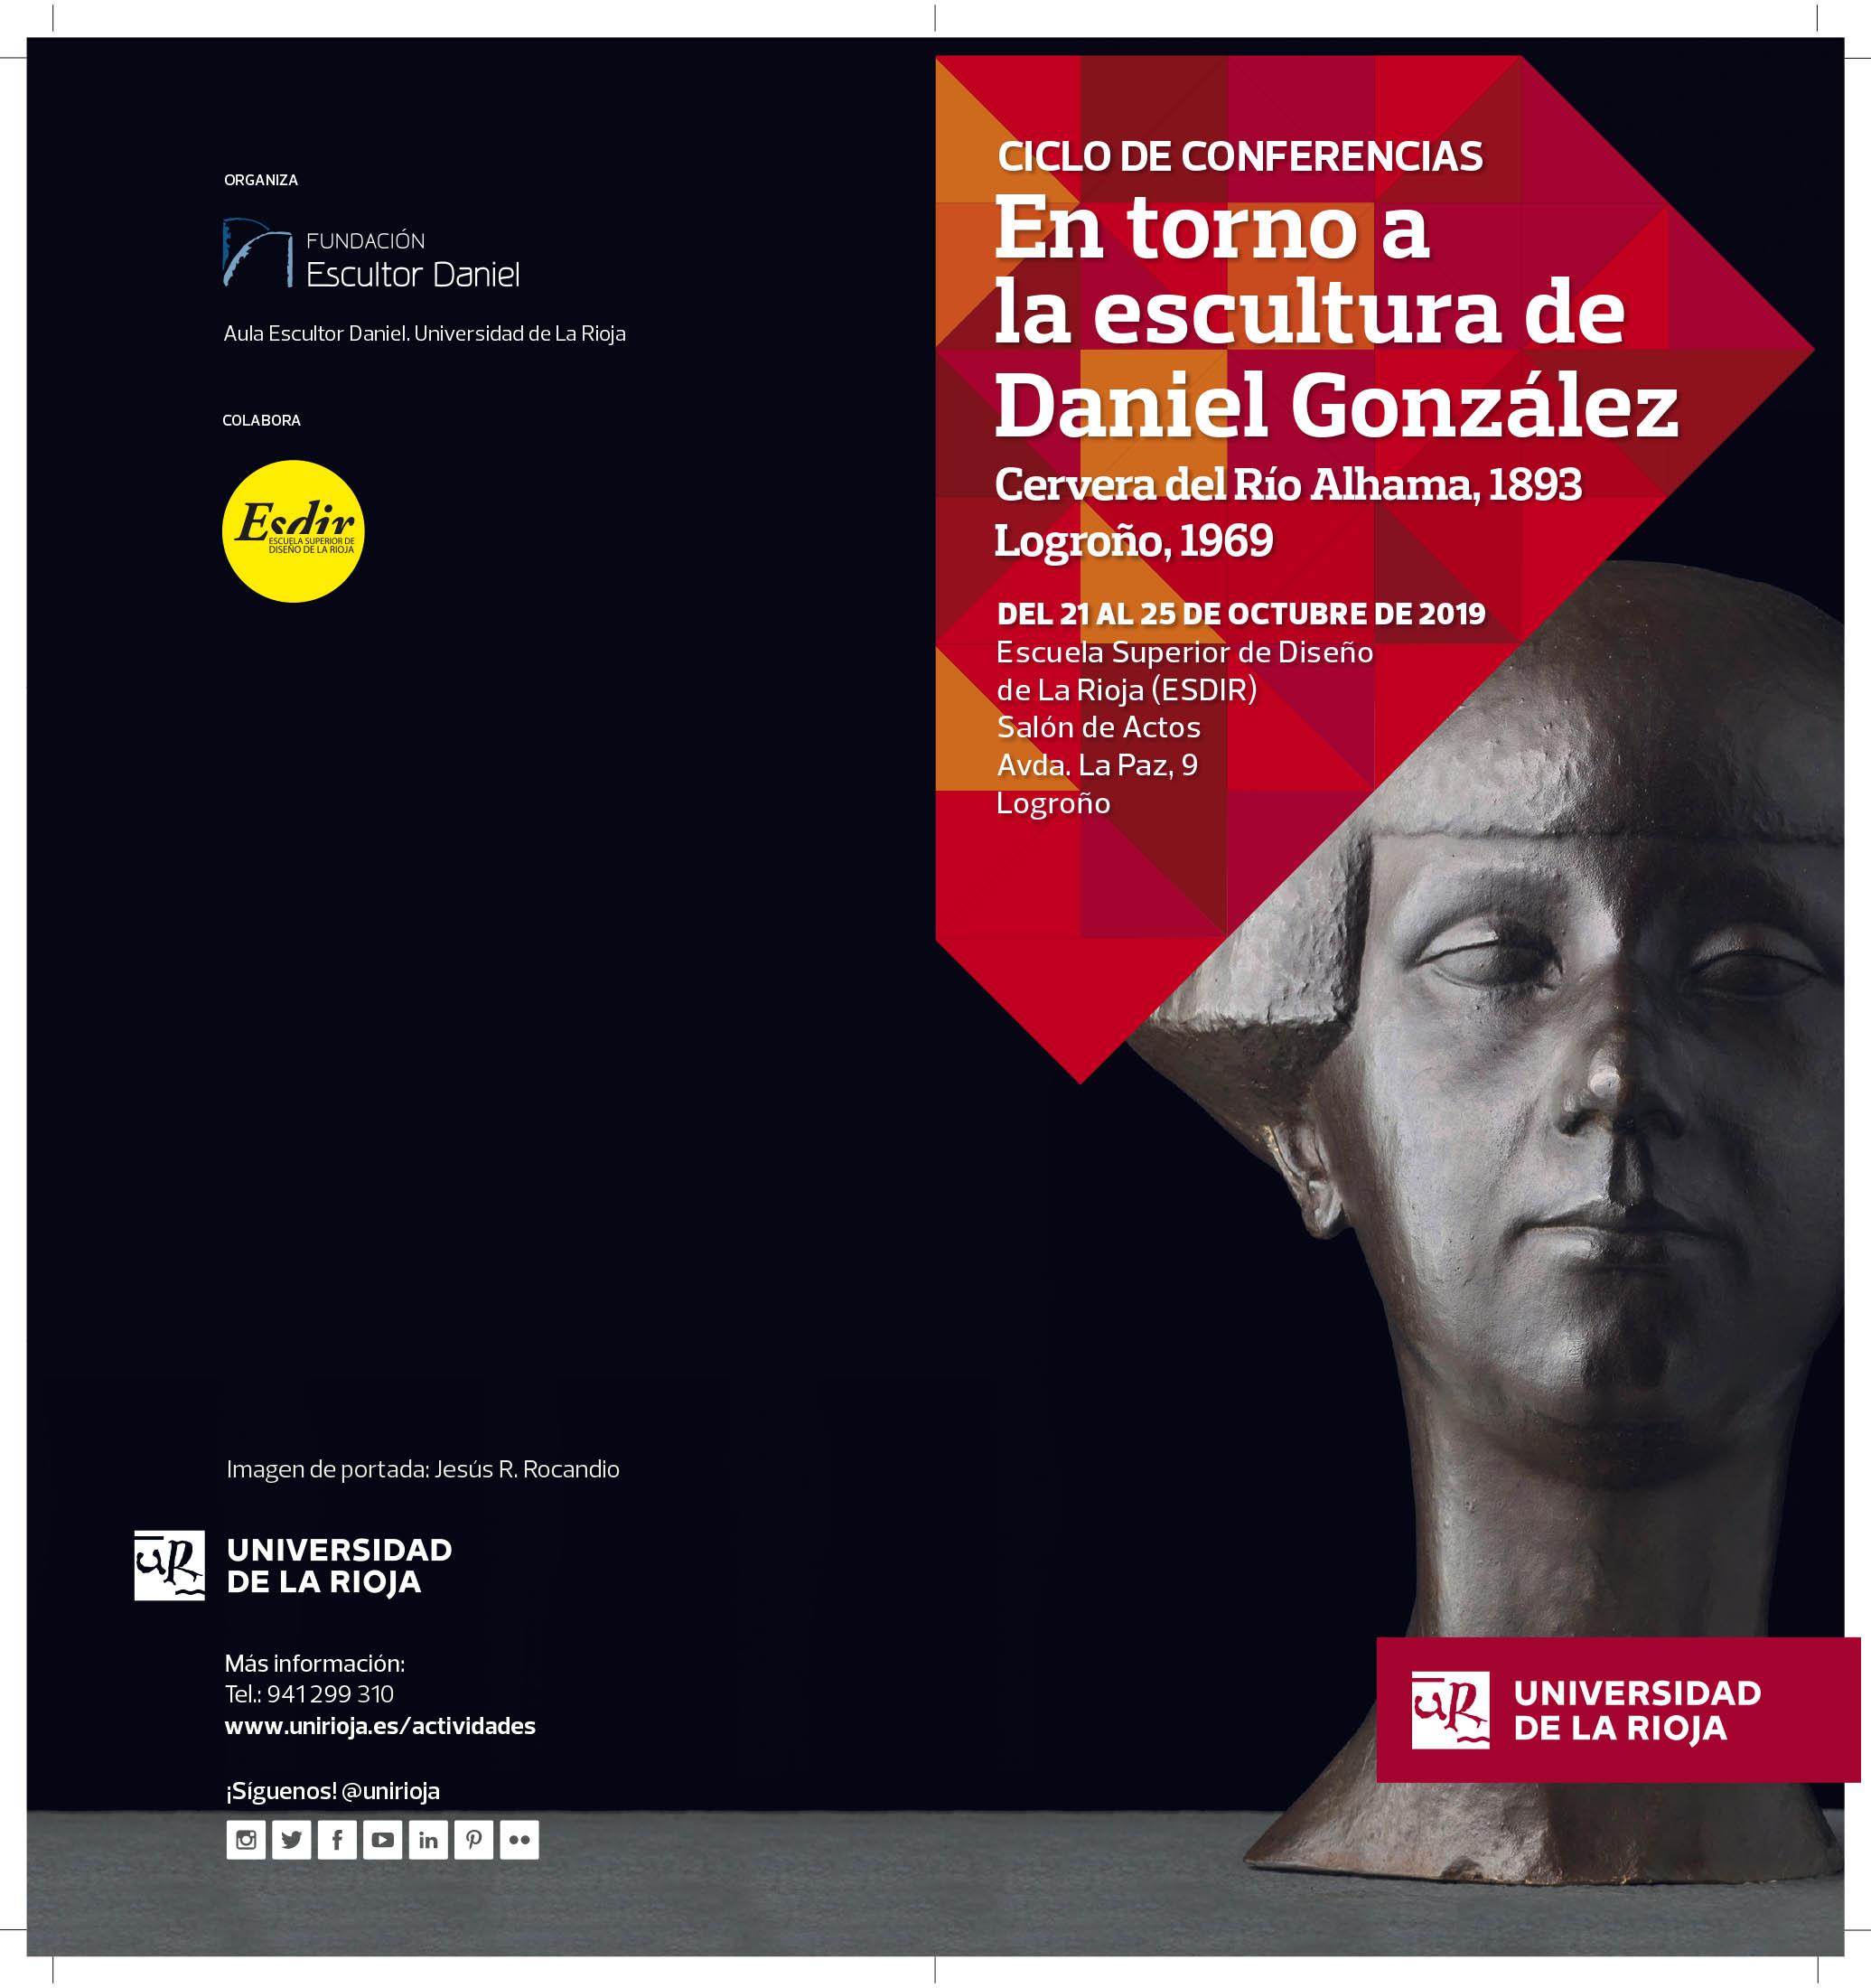 Ciclo de conferencias sobre el Escultor Daniel